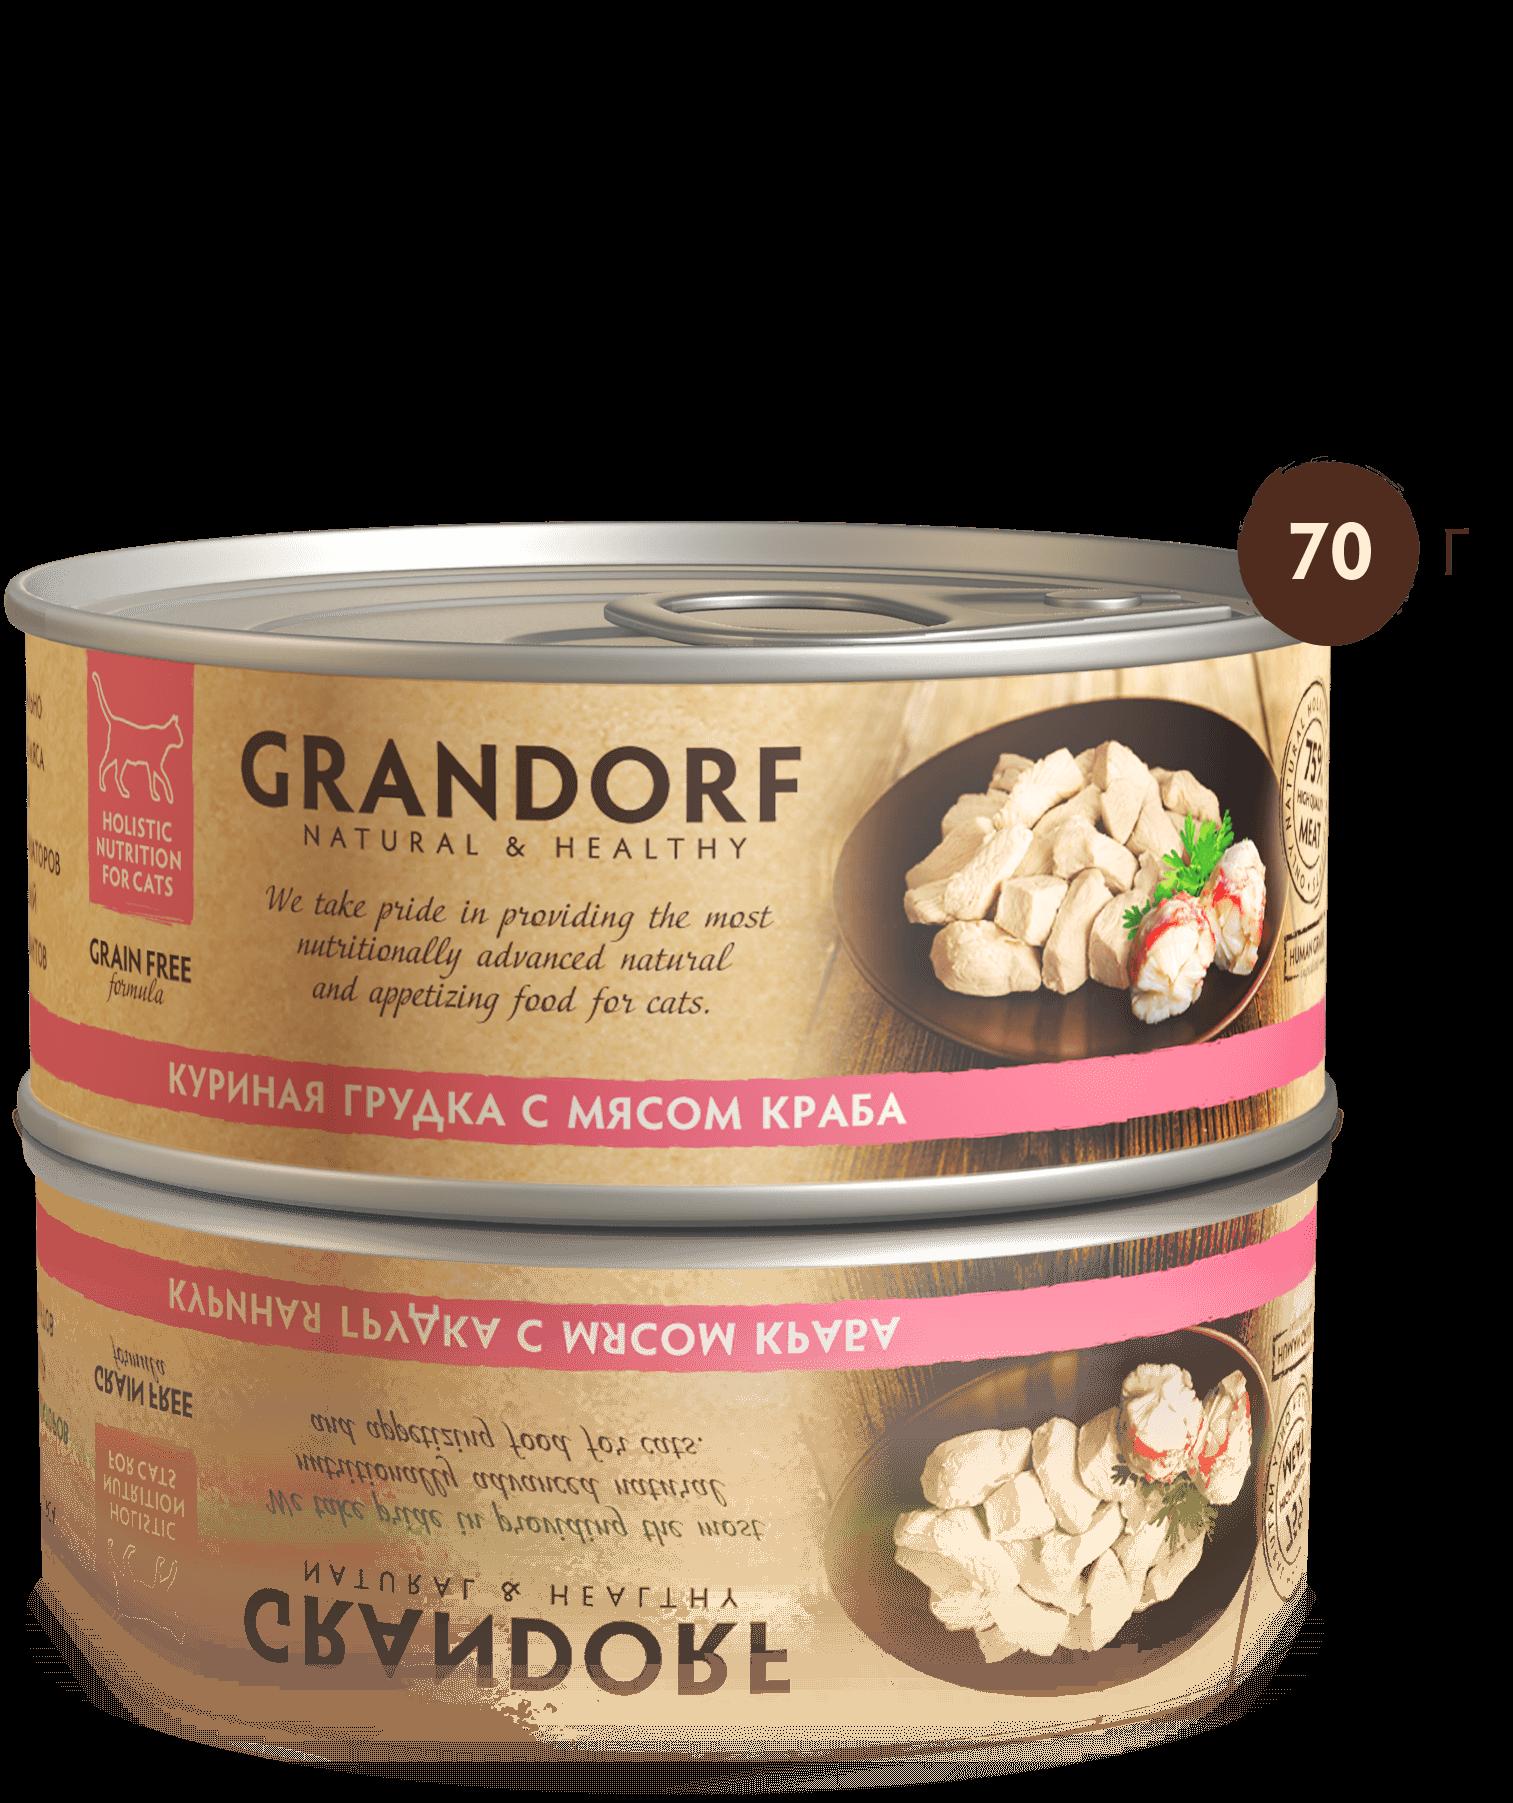 Влажные корма Консервы для кошек, Grandorf, куриная грудка с мясом краба 150g_02_525.png